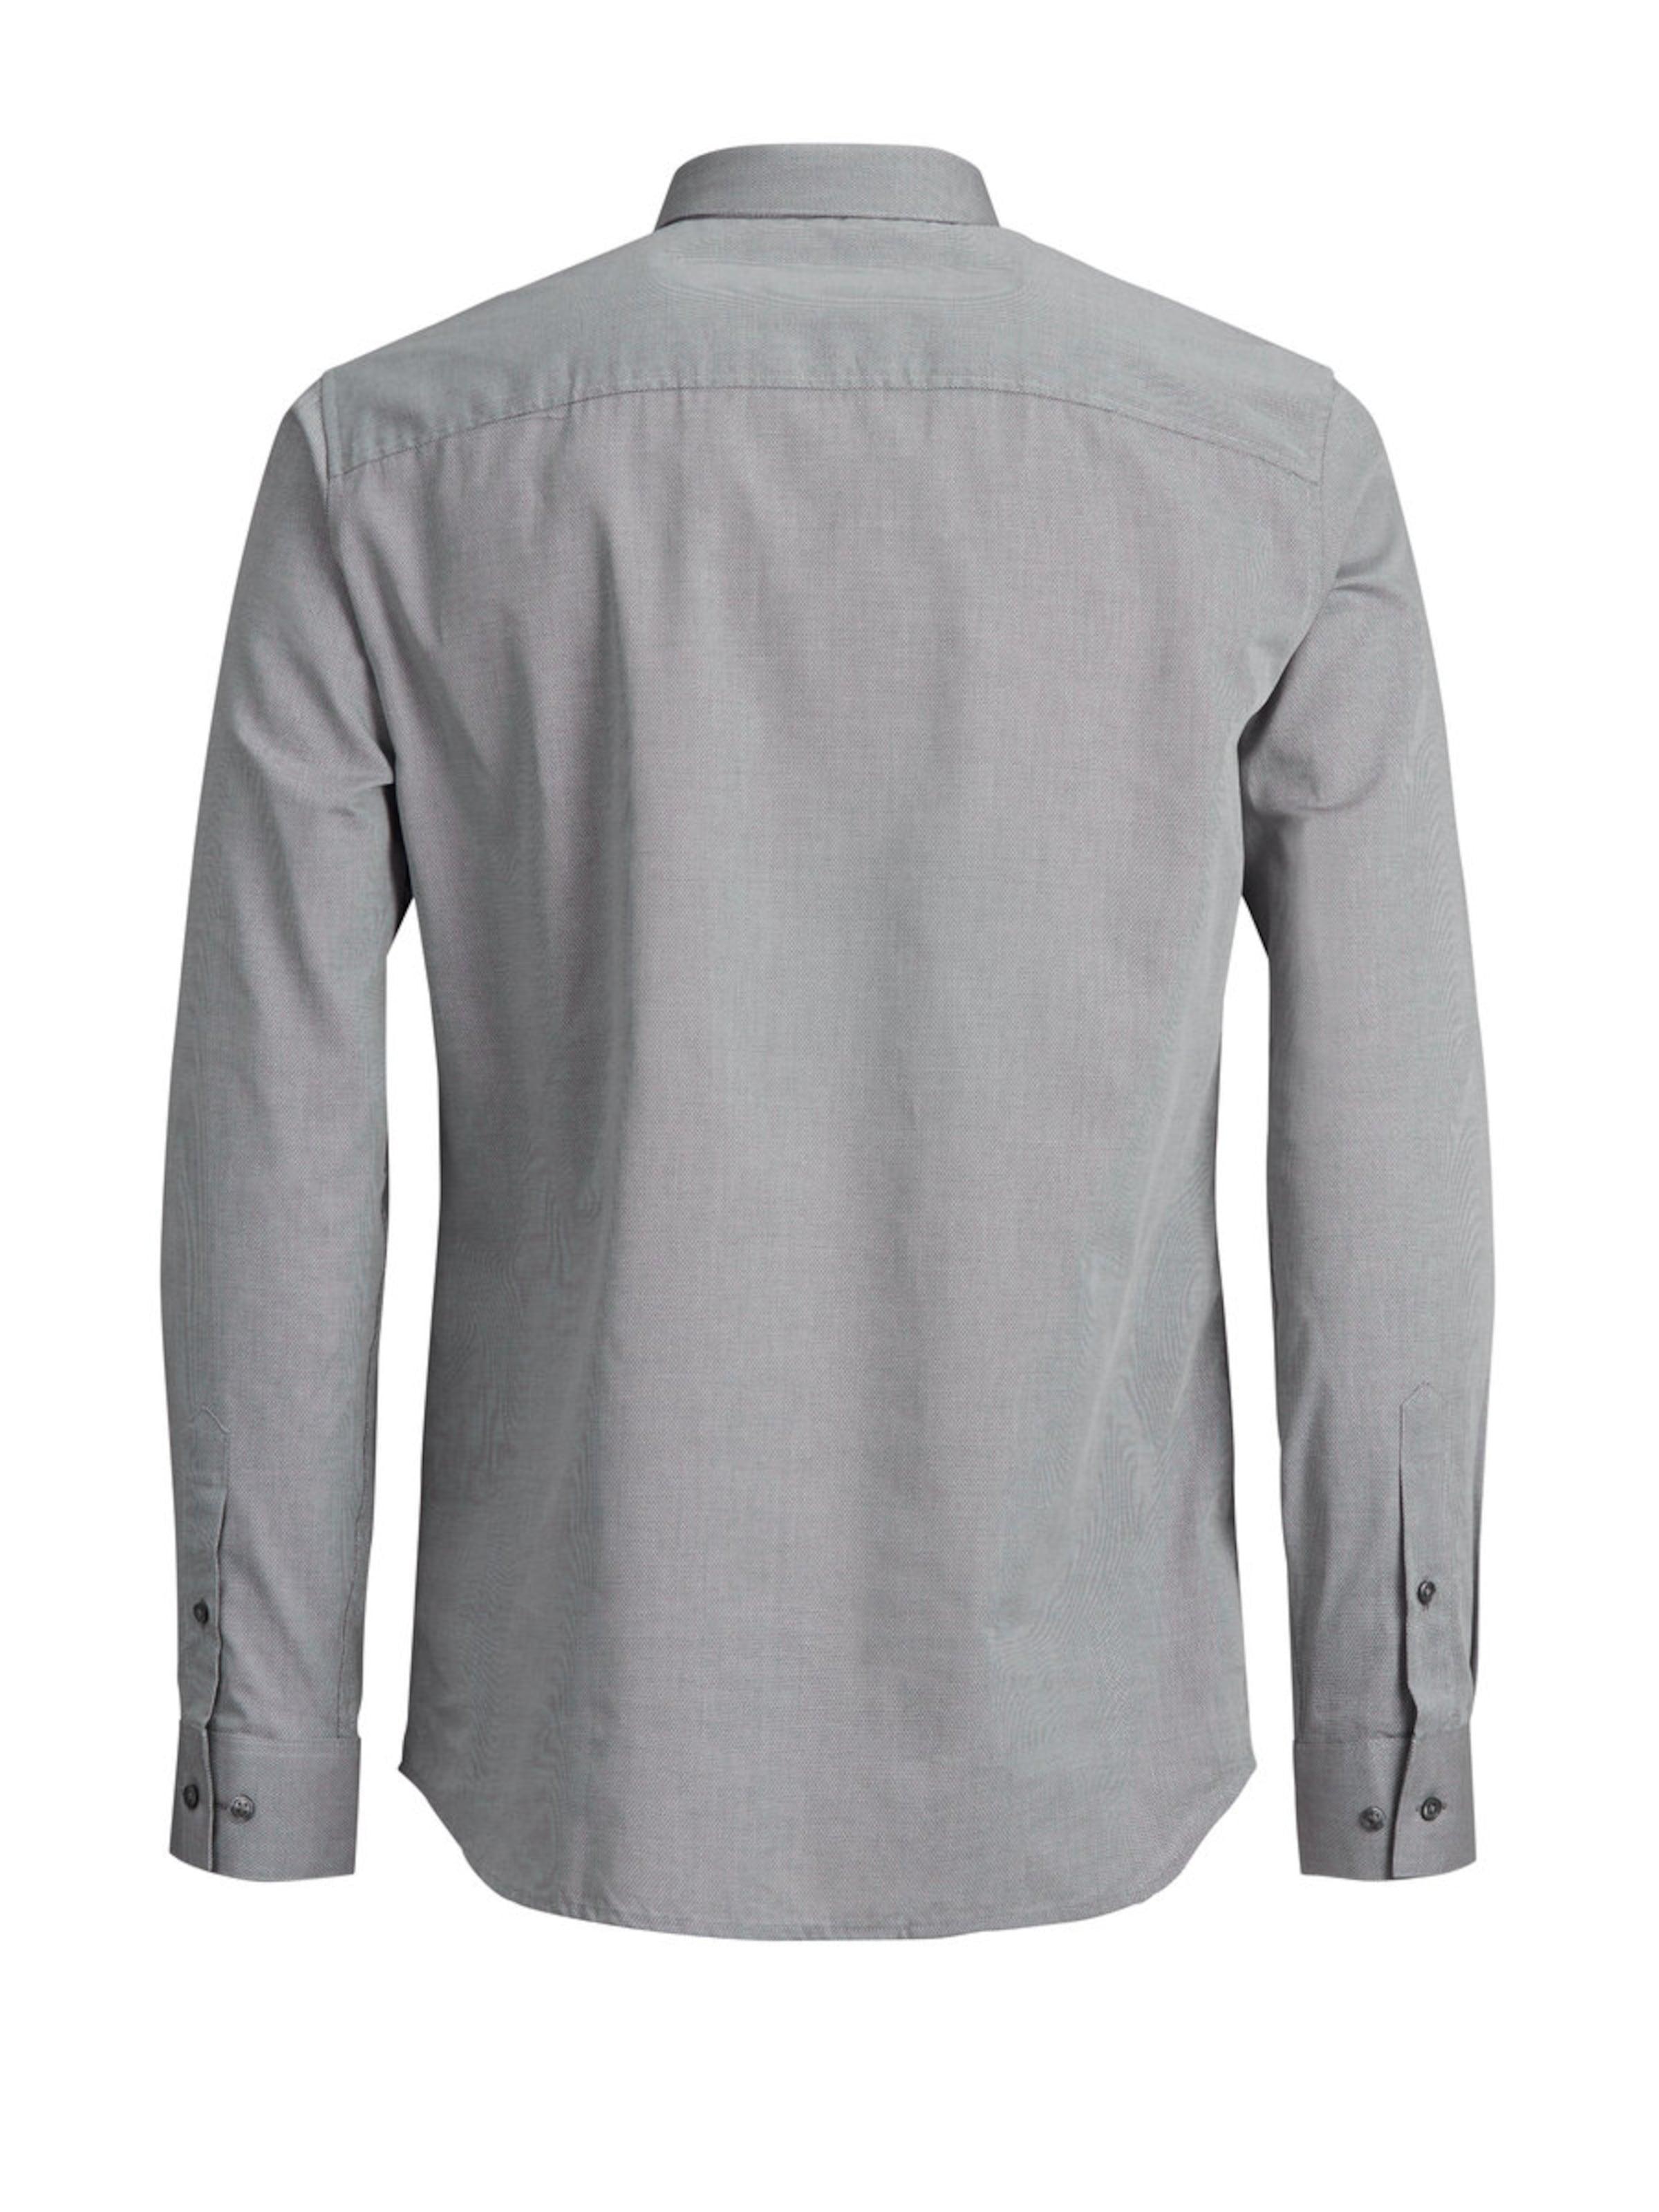 Grau In Jones Langarmhemd Jackamp; Jones Langarmhemd In Jackamp; iOXZTkwPul